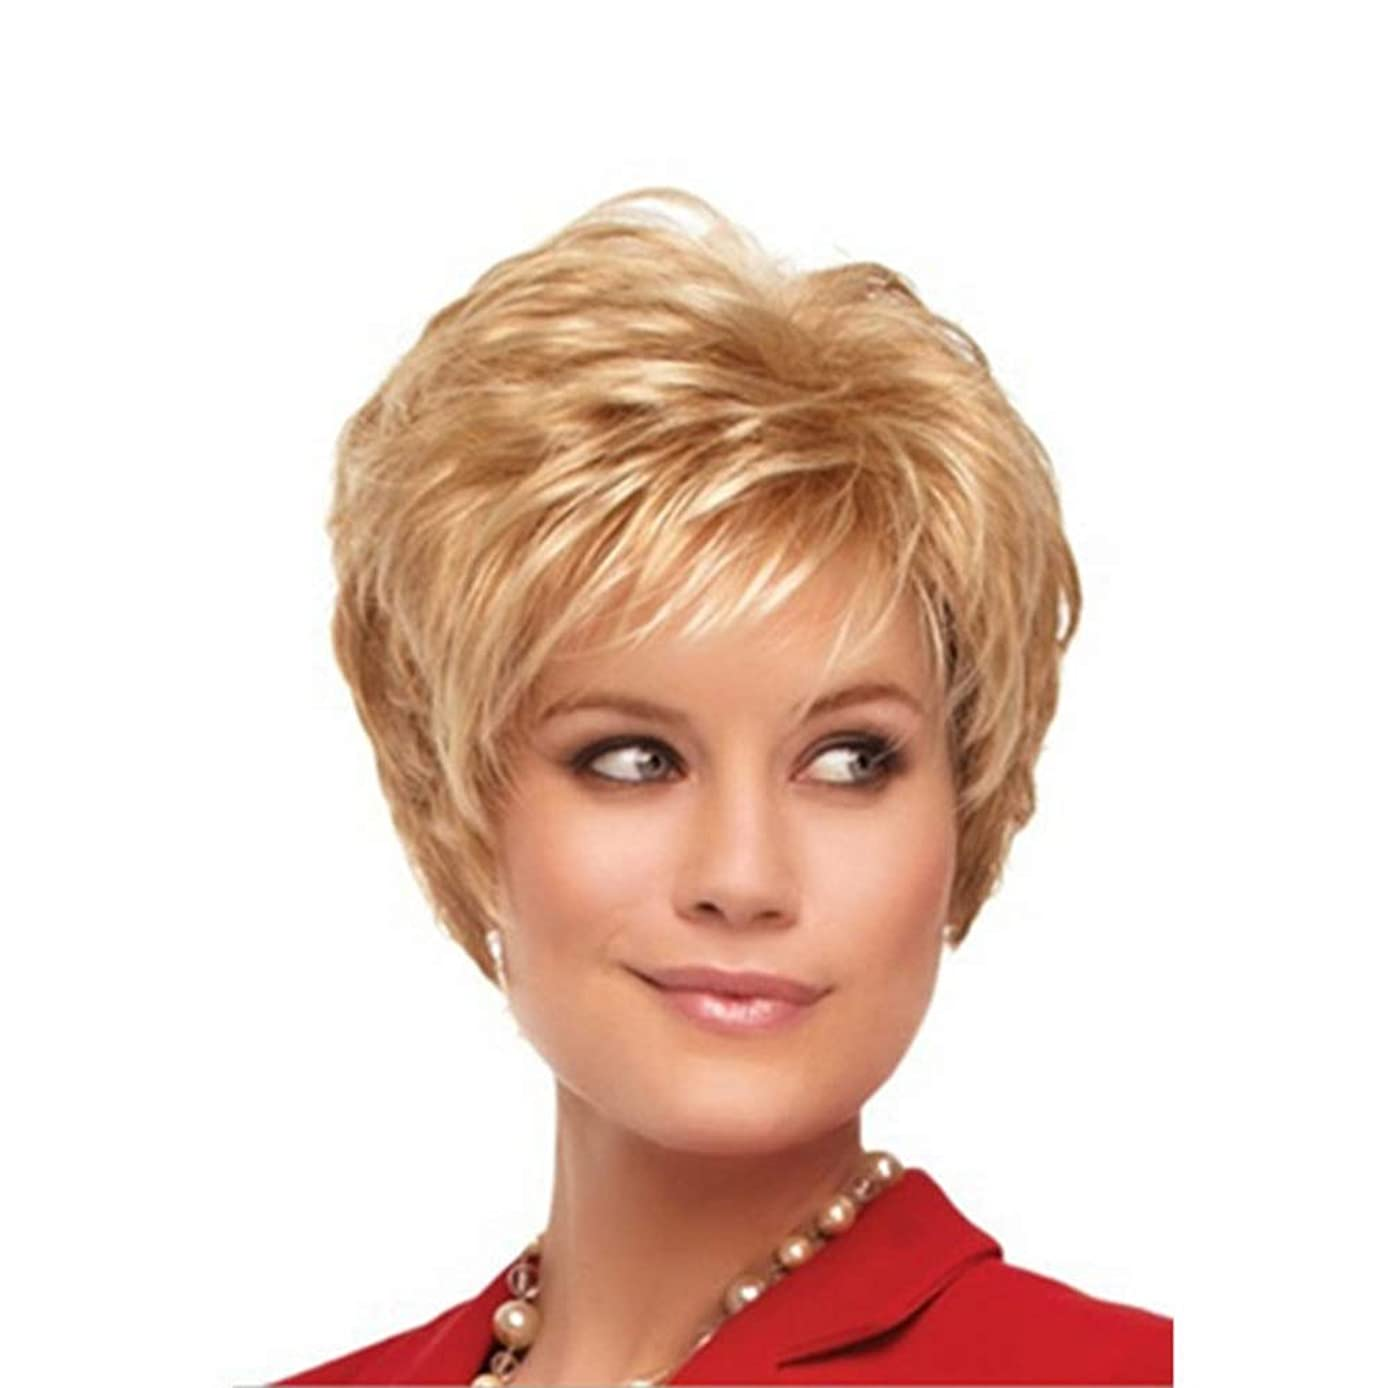 きゅうり音声学水曜日YOUQIU 女子ショートウィッグ夏のスタイルのフル波状カーリーブロンド髪の女性かつらかつら (色 : Blonde)